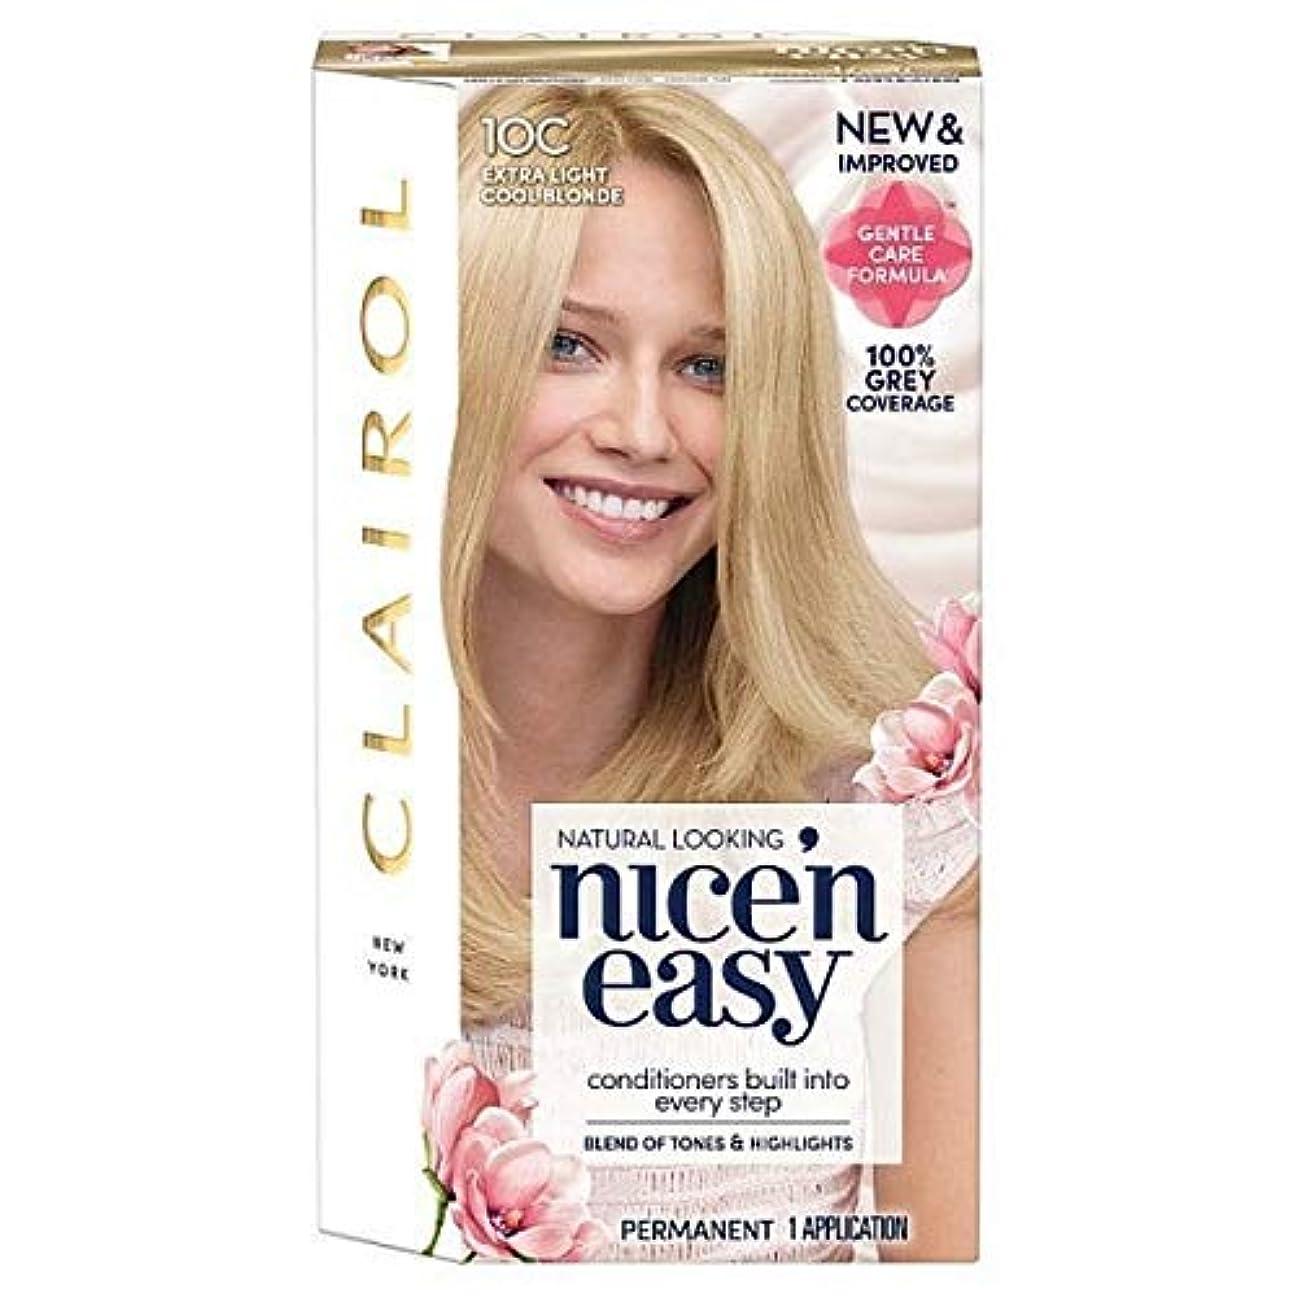 流行しているすぐに意識[Nice'n Easy] Nice'N簡単10Cの余分な光をクールブロンド - Nice'n Easy 10C Extra Light Cool Blonde [並行輸入品]